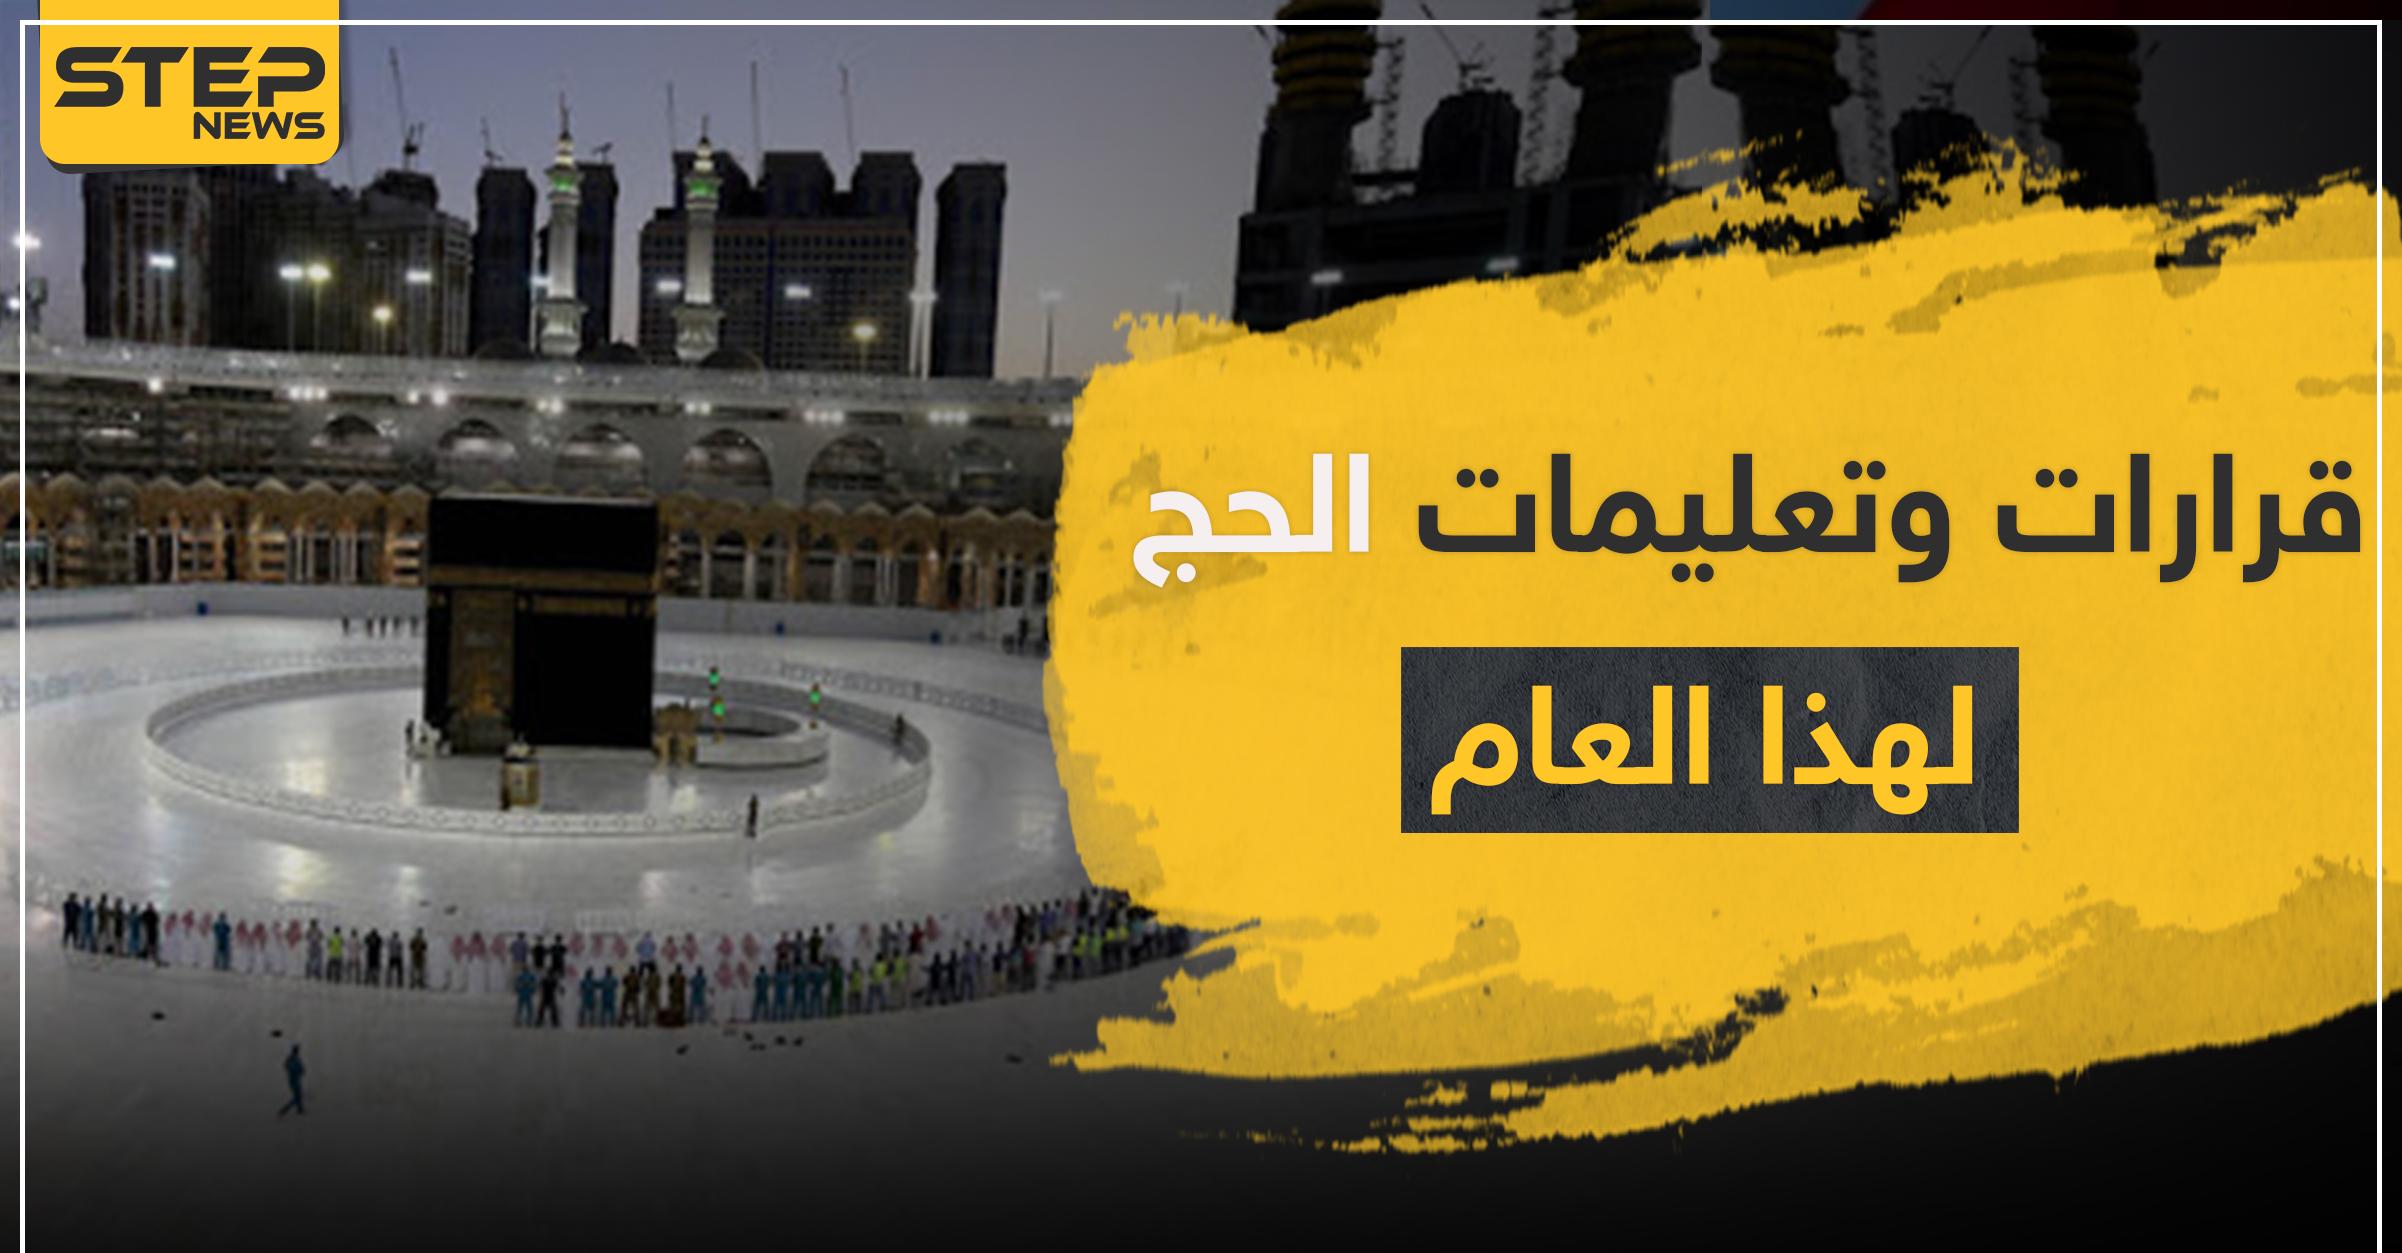 شروط الحج الجديدة لهذا العام.. ووزير أوقاف مصر يكشف عن البديل الاستثنائي